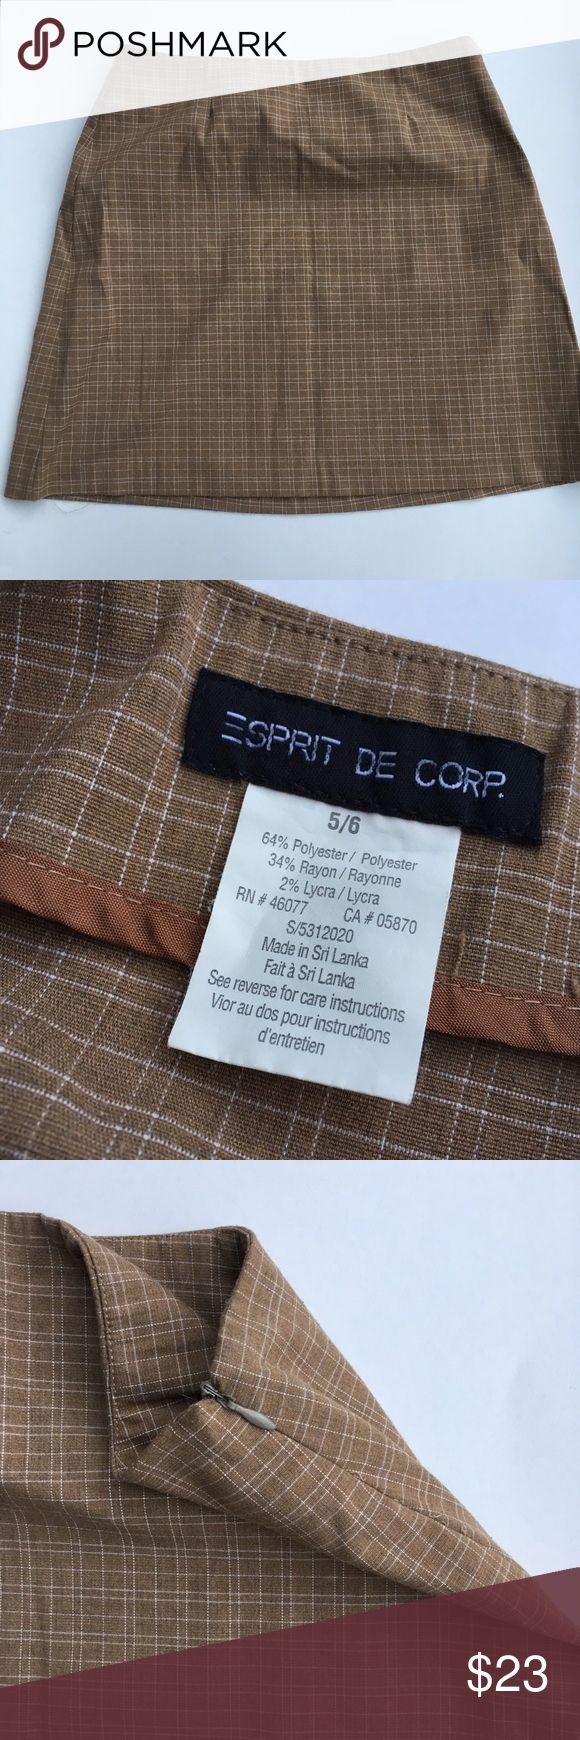 the cutest ever Esprit De Corp. Mustard Skirt the cutest ever Esprit De Corp. Mustard Skirt Side Zip Size 5/6 Esprit Skirts